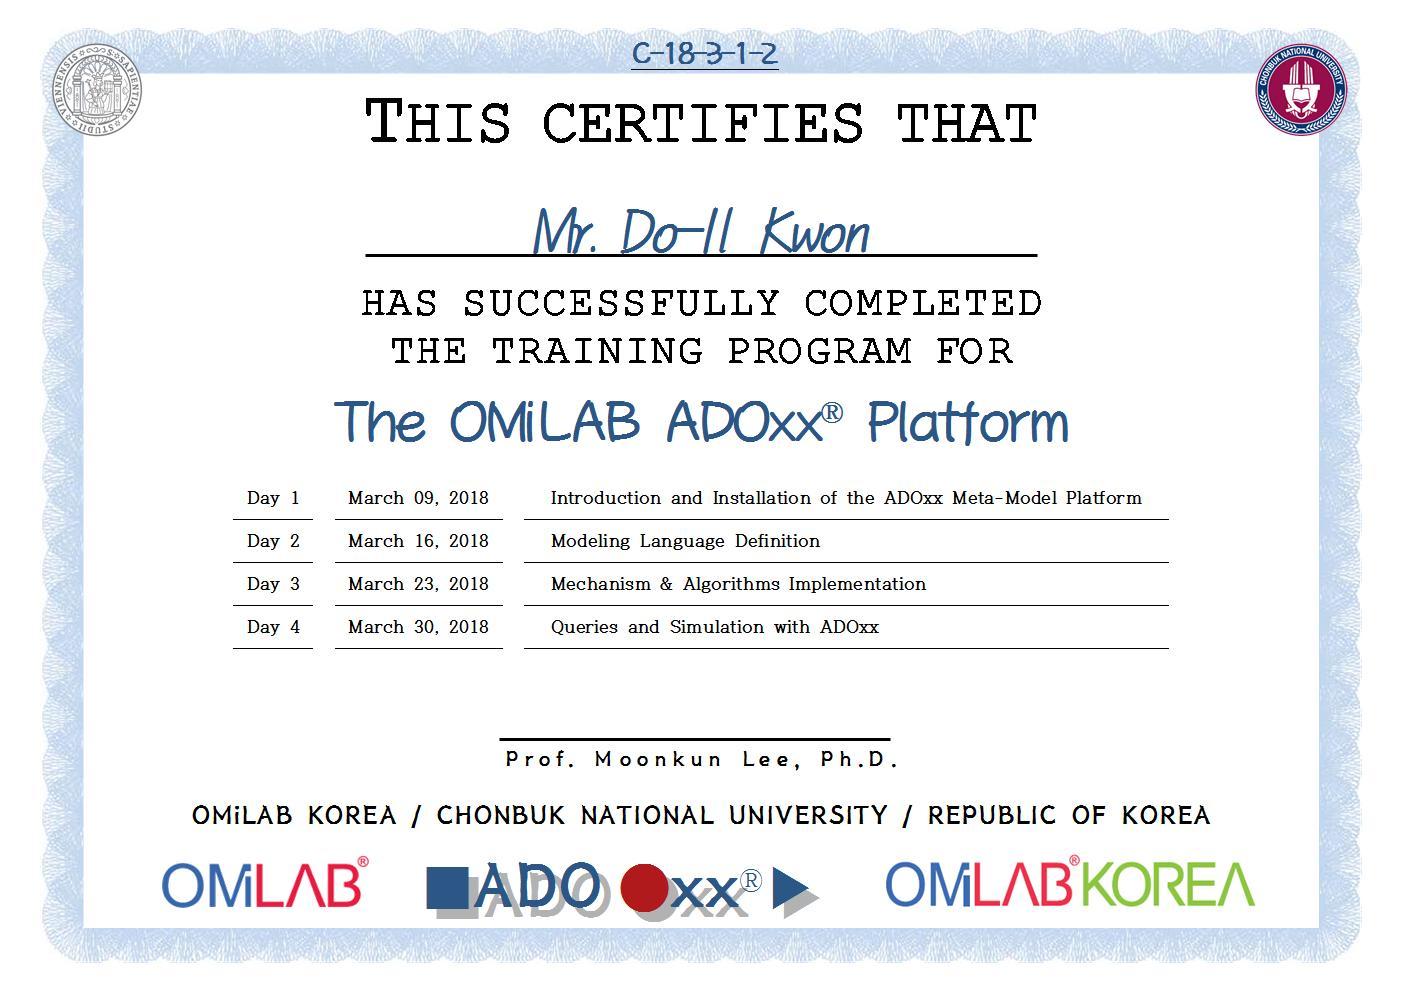 [CBNU] Mr. Do-Il Kwon - 2018 제 3차 ADOxx Training 수료증-f001.jpg